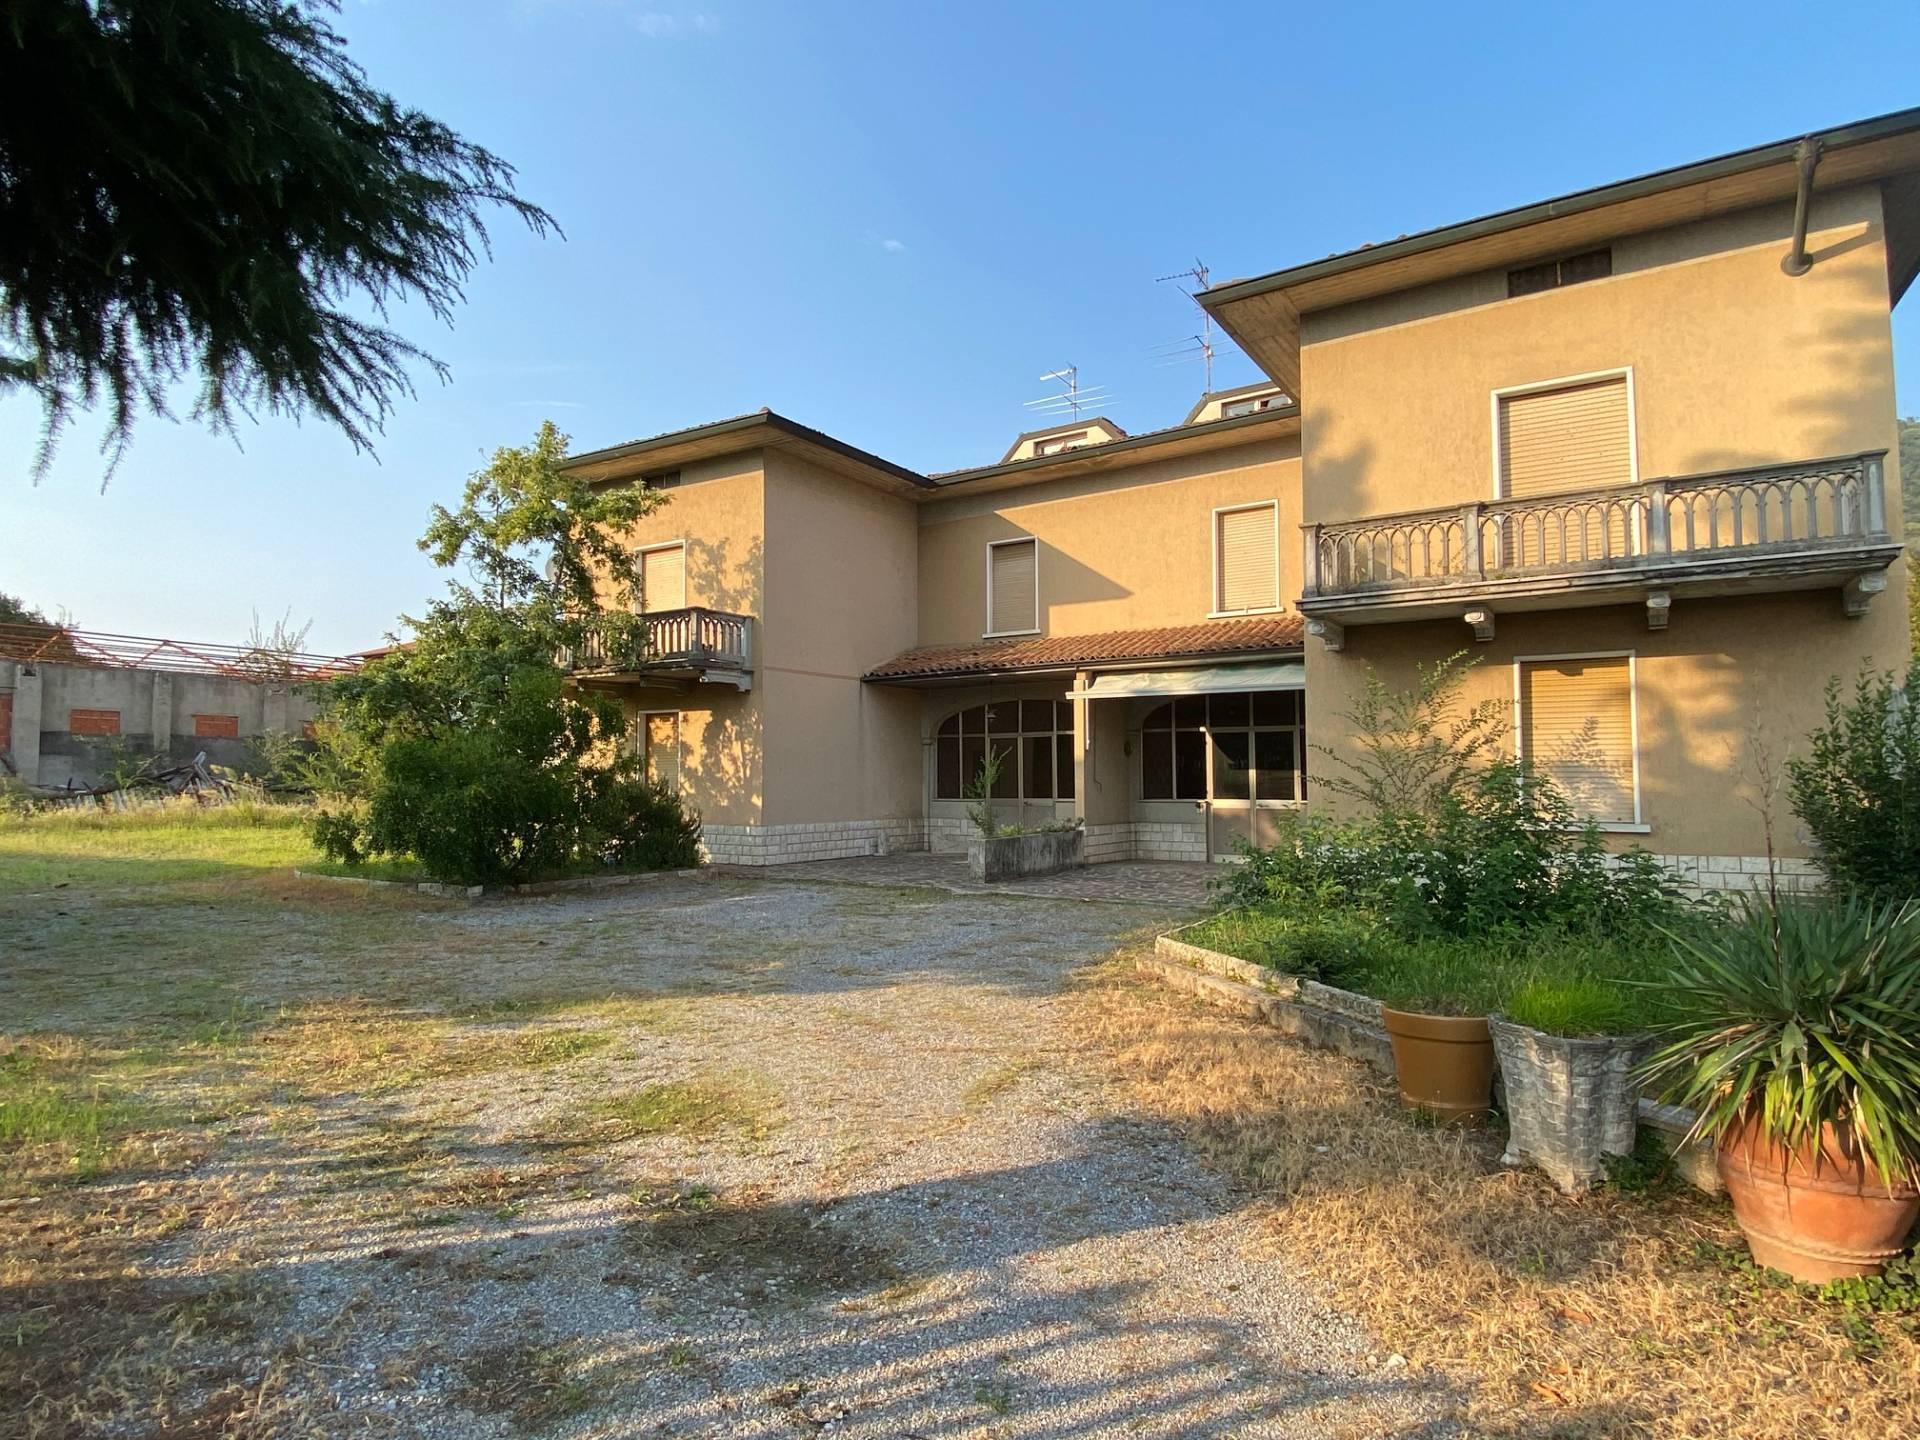 Villa Bifamiliare in vendita a Cologne, 8 locali, prezzo € 125.000 | PortaleAgenzieImmobiliari.it